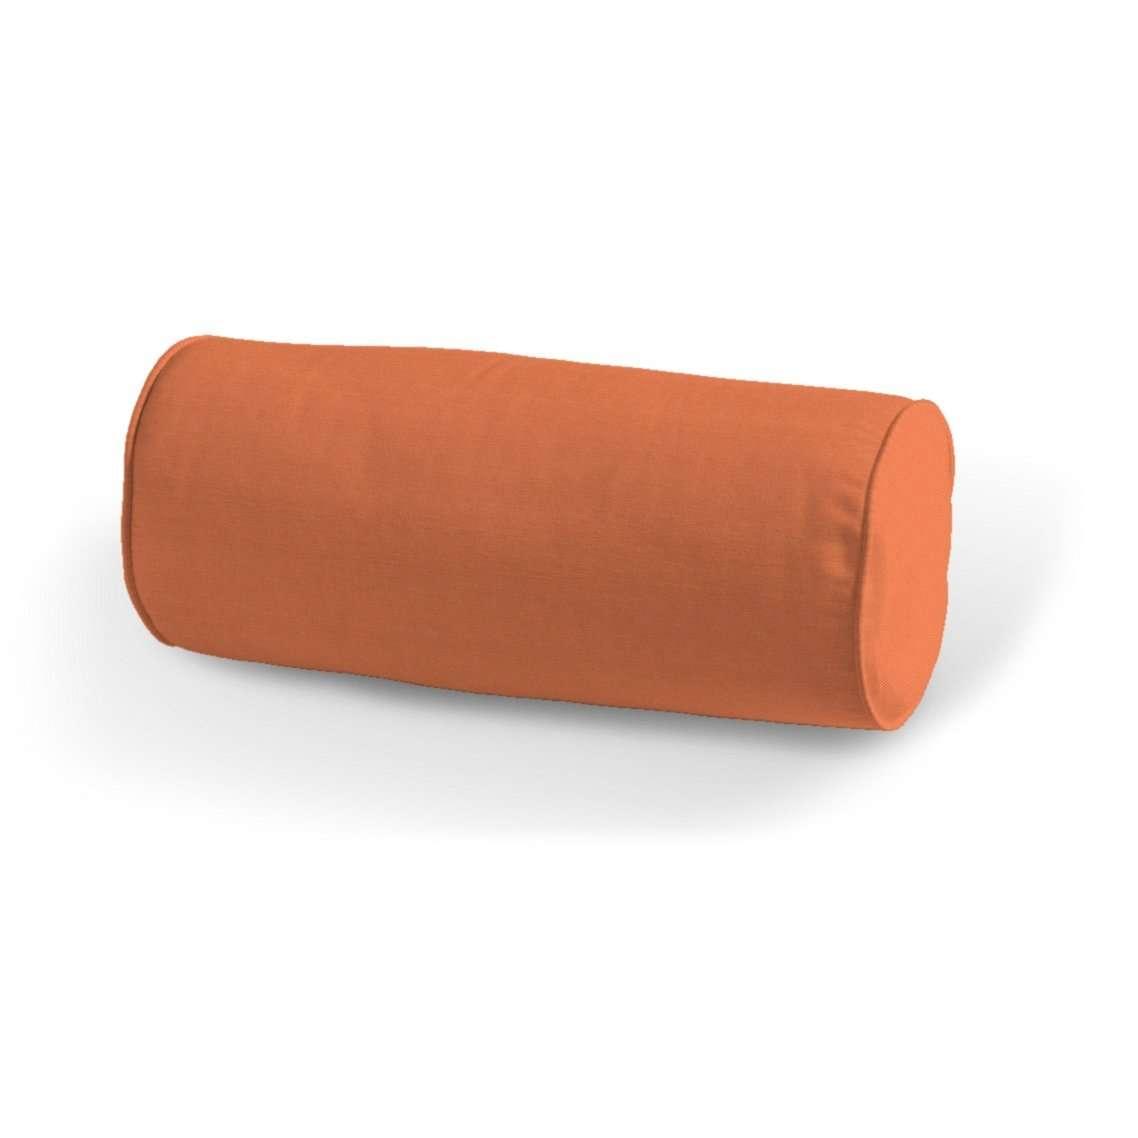 Ritinio formos  pagalvėlės užvalkalas Ø 16 x 40 cm (6 x 16 inch) kolekcijoje Jupiter, audinys: 127-35